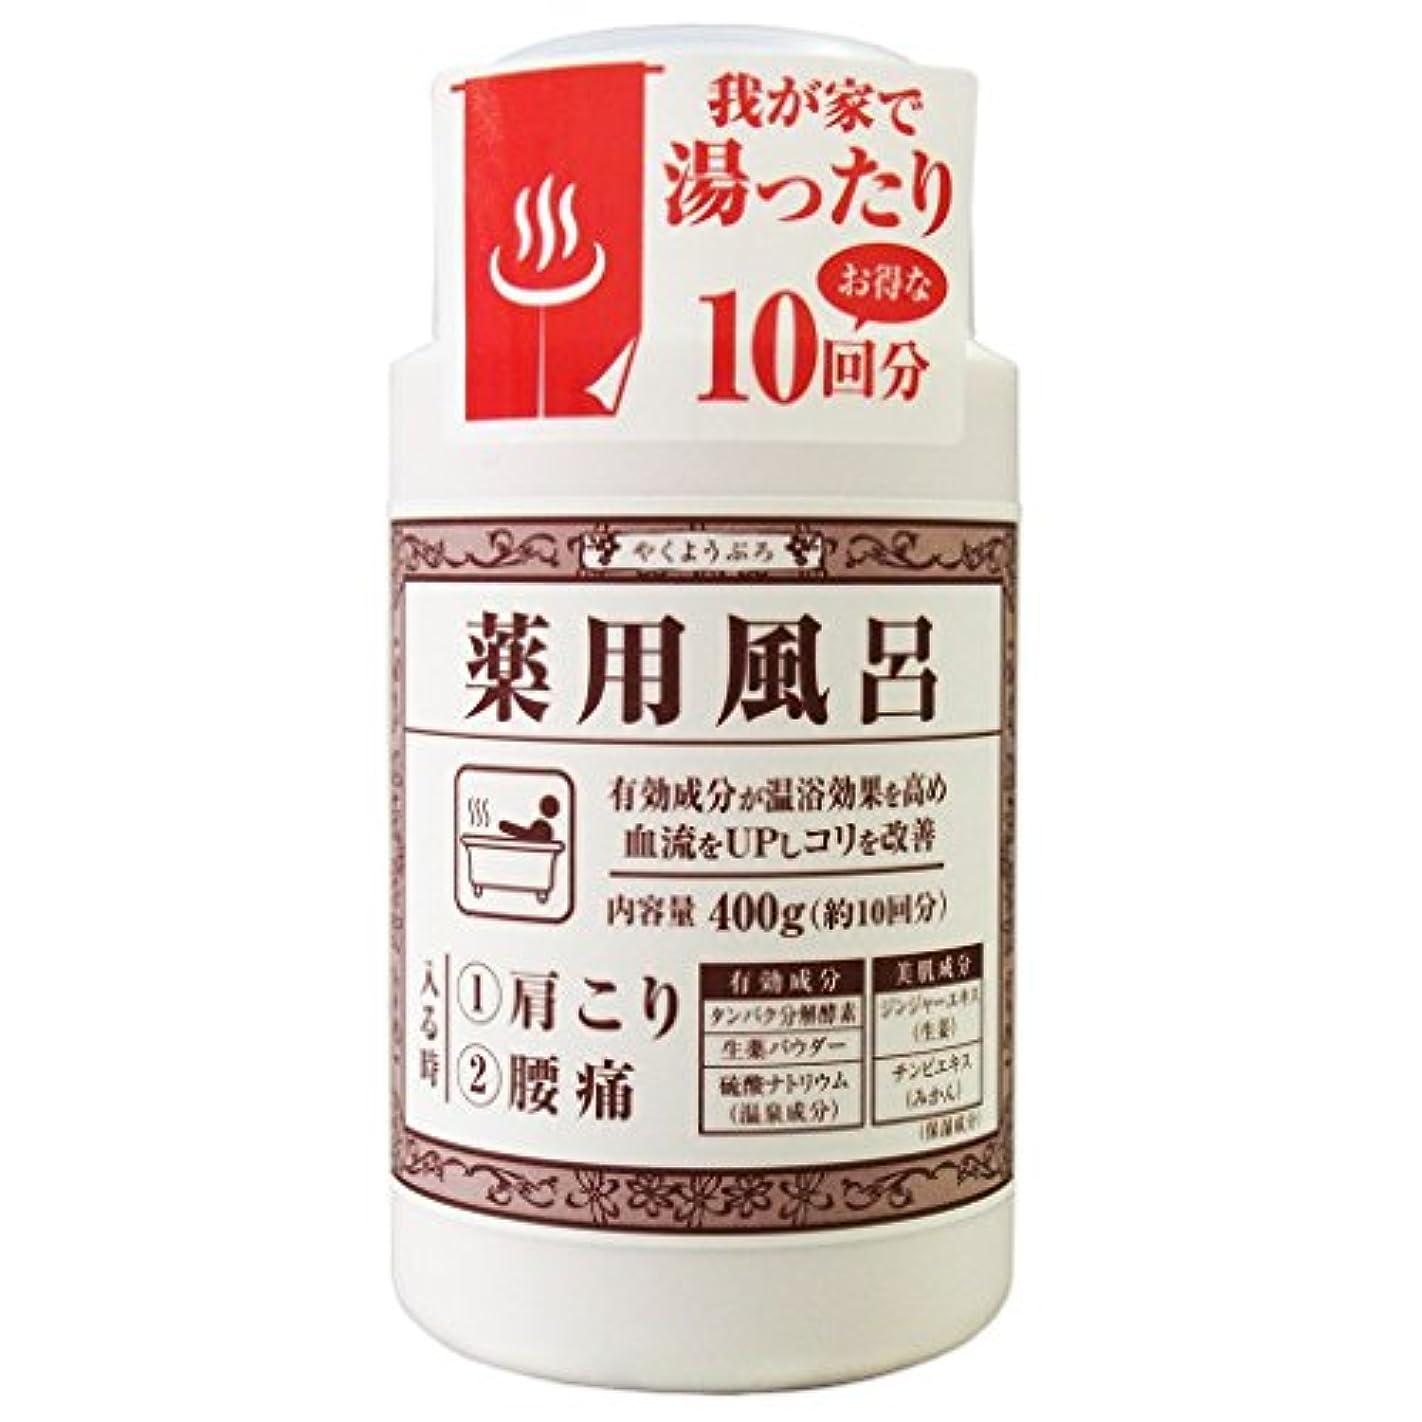 端末知覚できる列挙する薬用風呂KKa 肩こり?腰痛 ボトル 400g(医薬部外品)